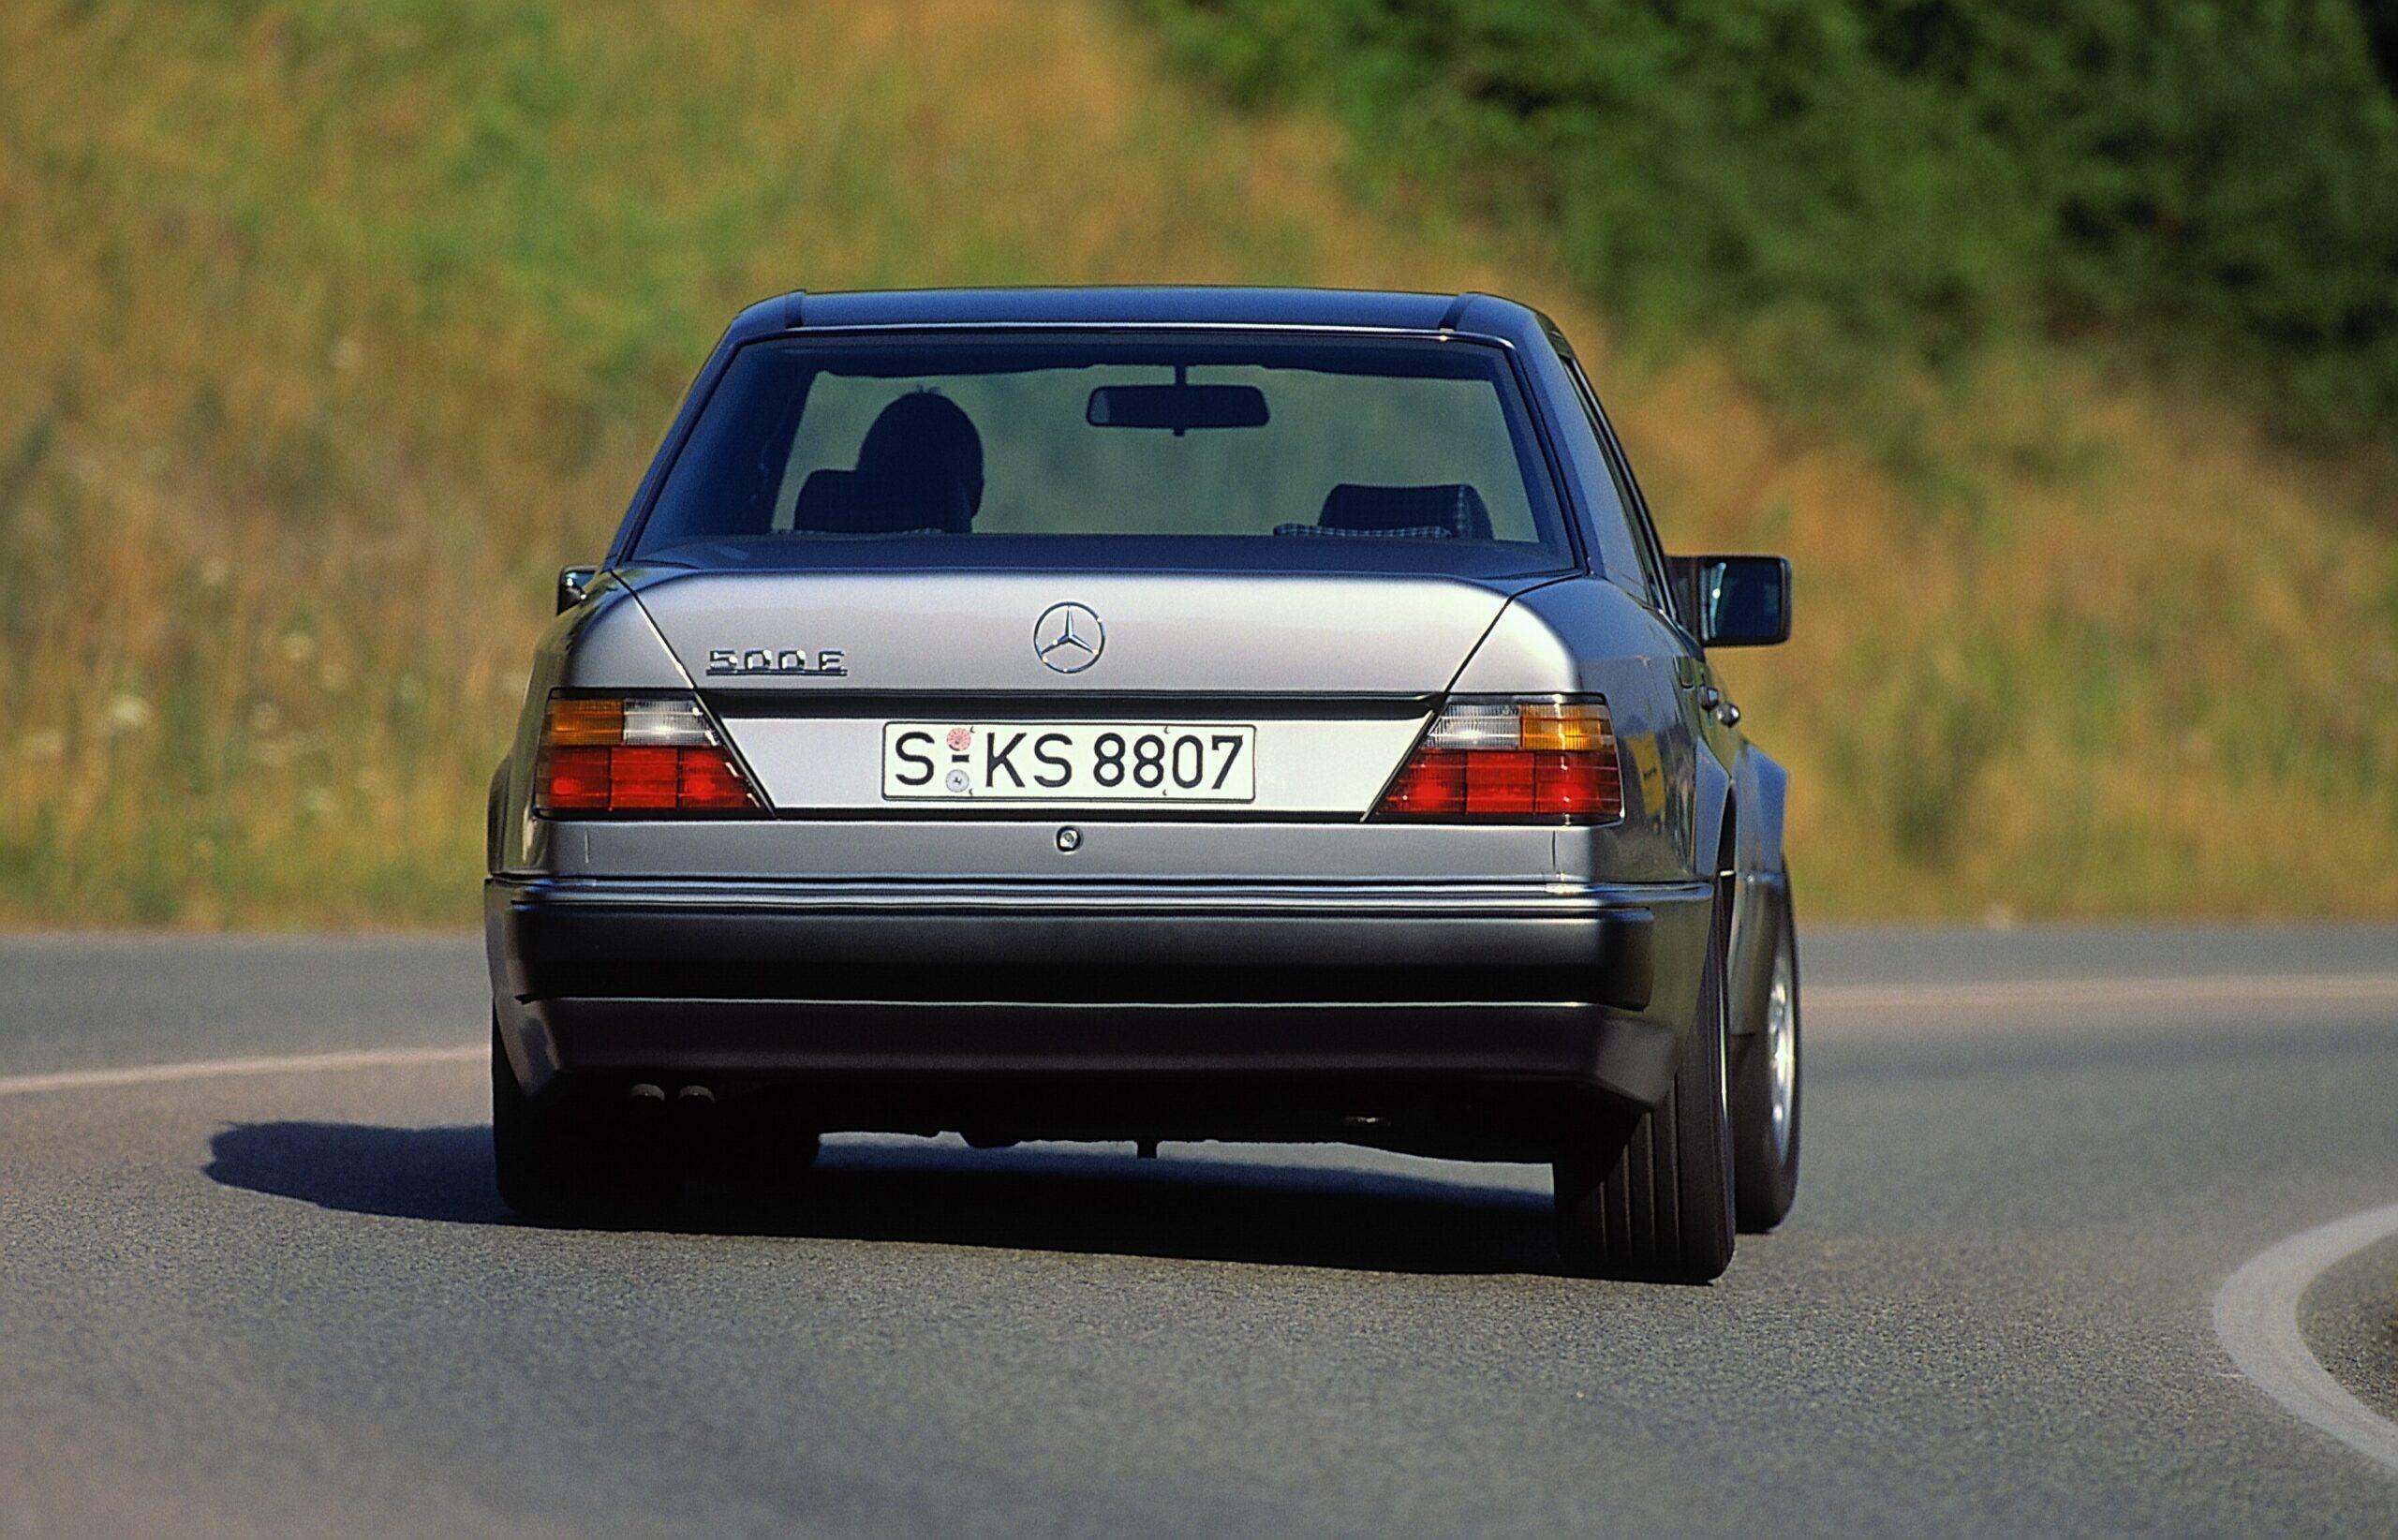 Mercedes-Benz 500 E: Präsentation bereits vor 30 Jahren